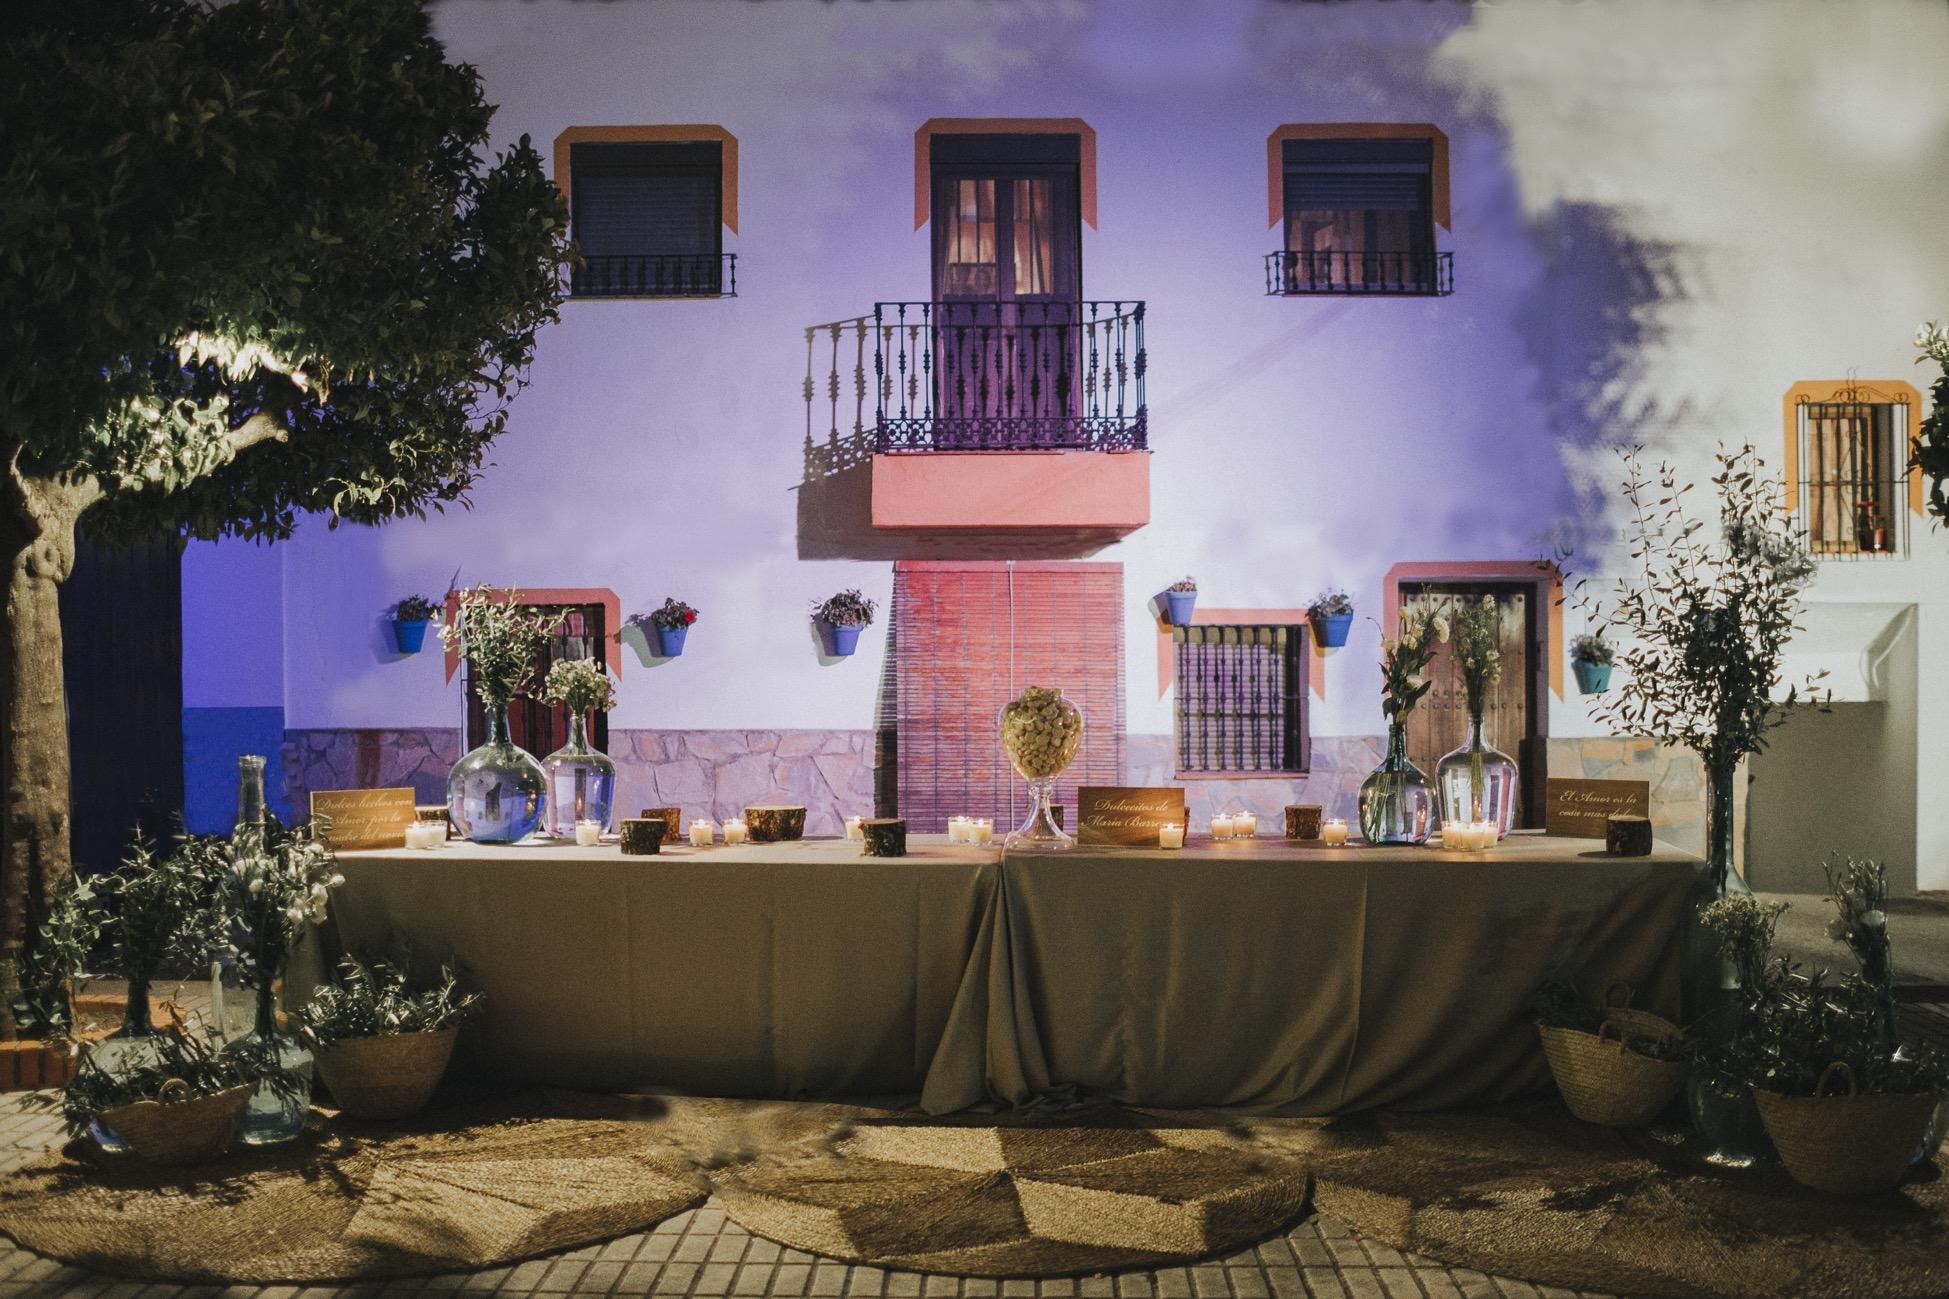 Si-Quiero-Wedding-Planner-By-Sira-Antequera-Bodas-Málaga-Marbella-Miami- Toñi-Jarri-12